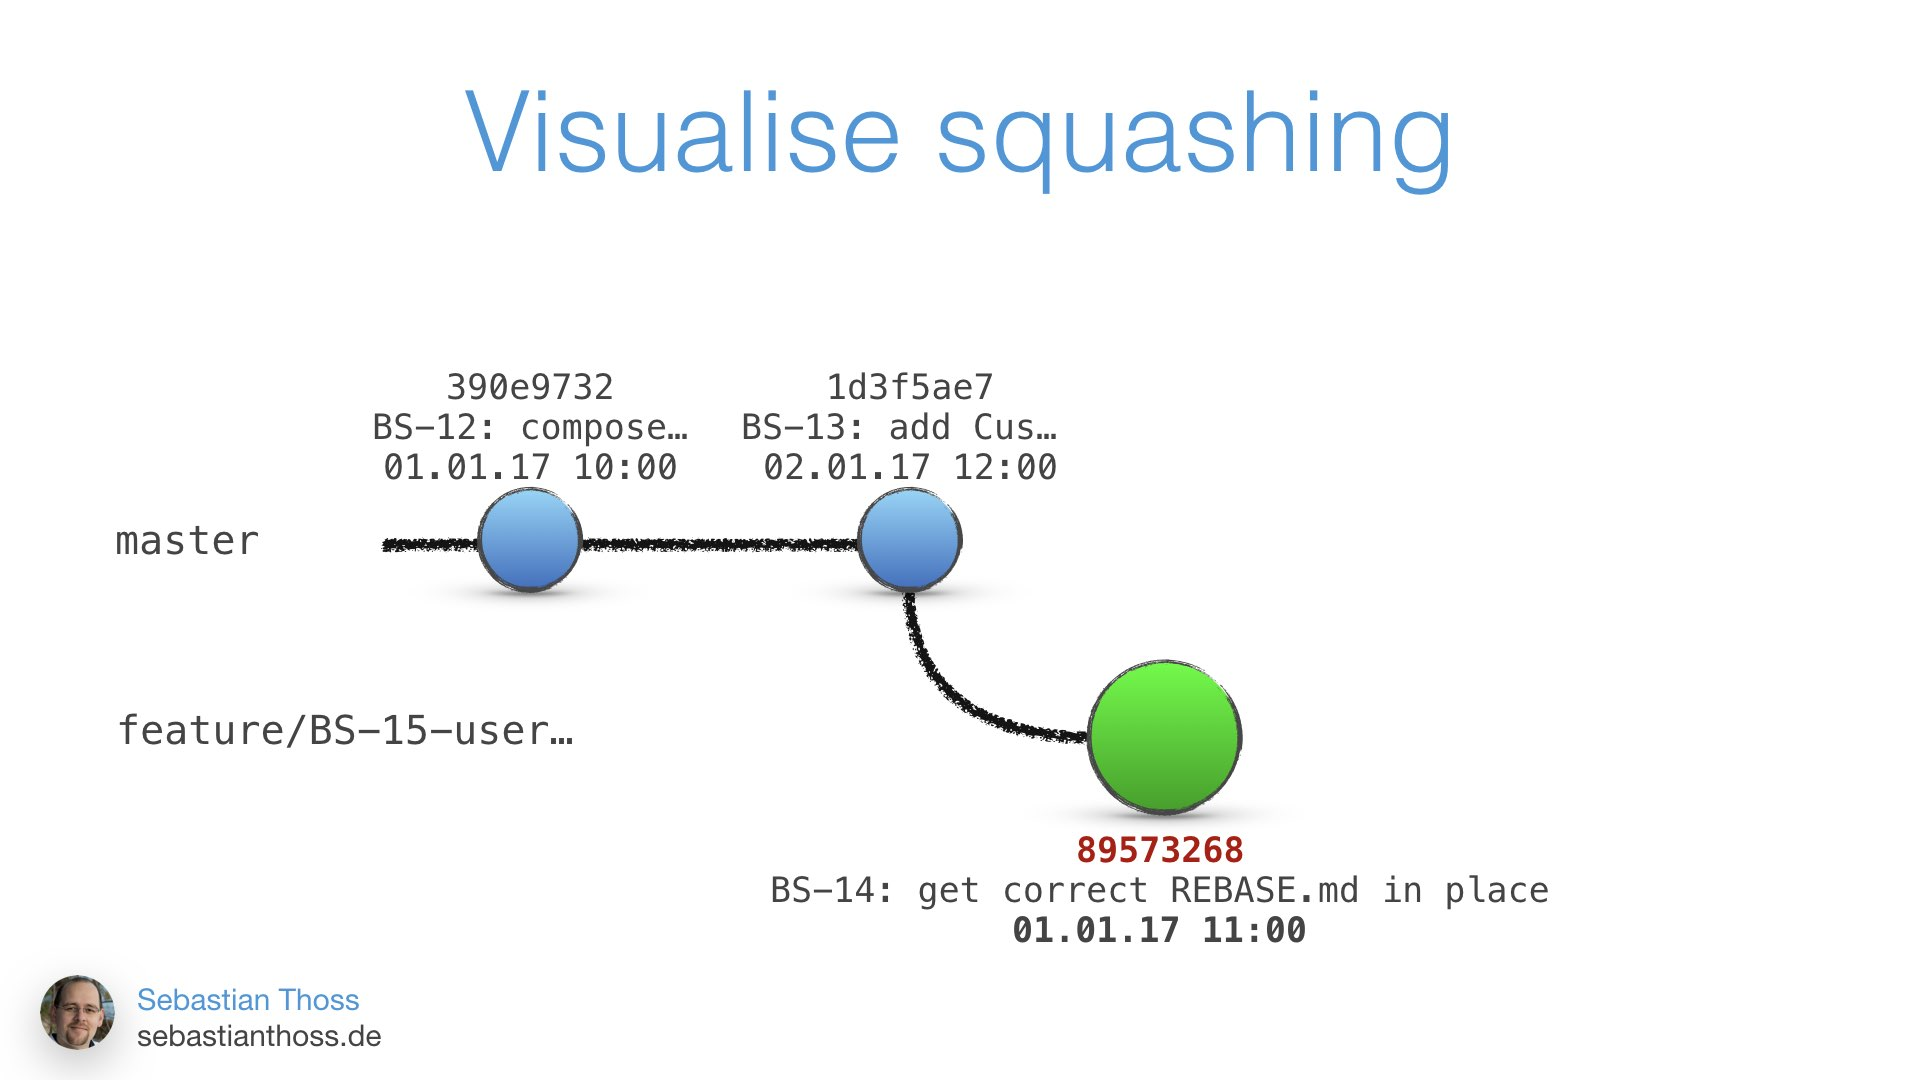 Mit dieser Folie zeigt Sebastian Thoss wie man sich squashing visuell vorstellen kann